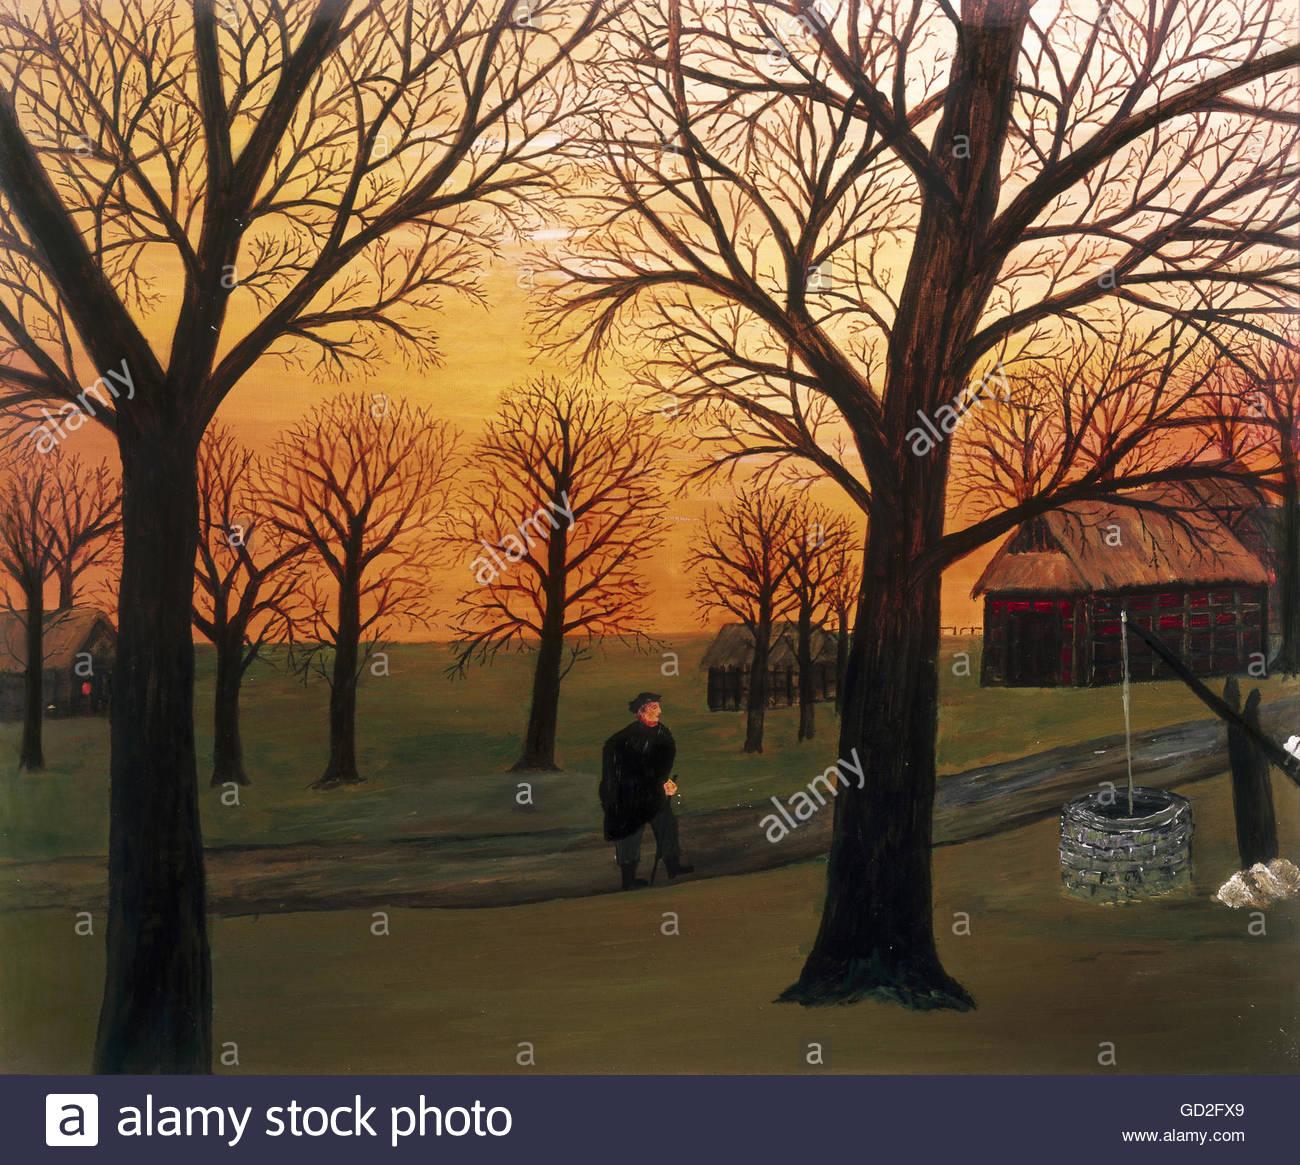 fine arts, Rusche, Dr. Waldemar, called 'Paps' (1882 - 1965), 'Heimkehr am Abend' (Return in the - Stock Image